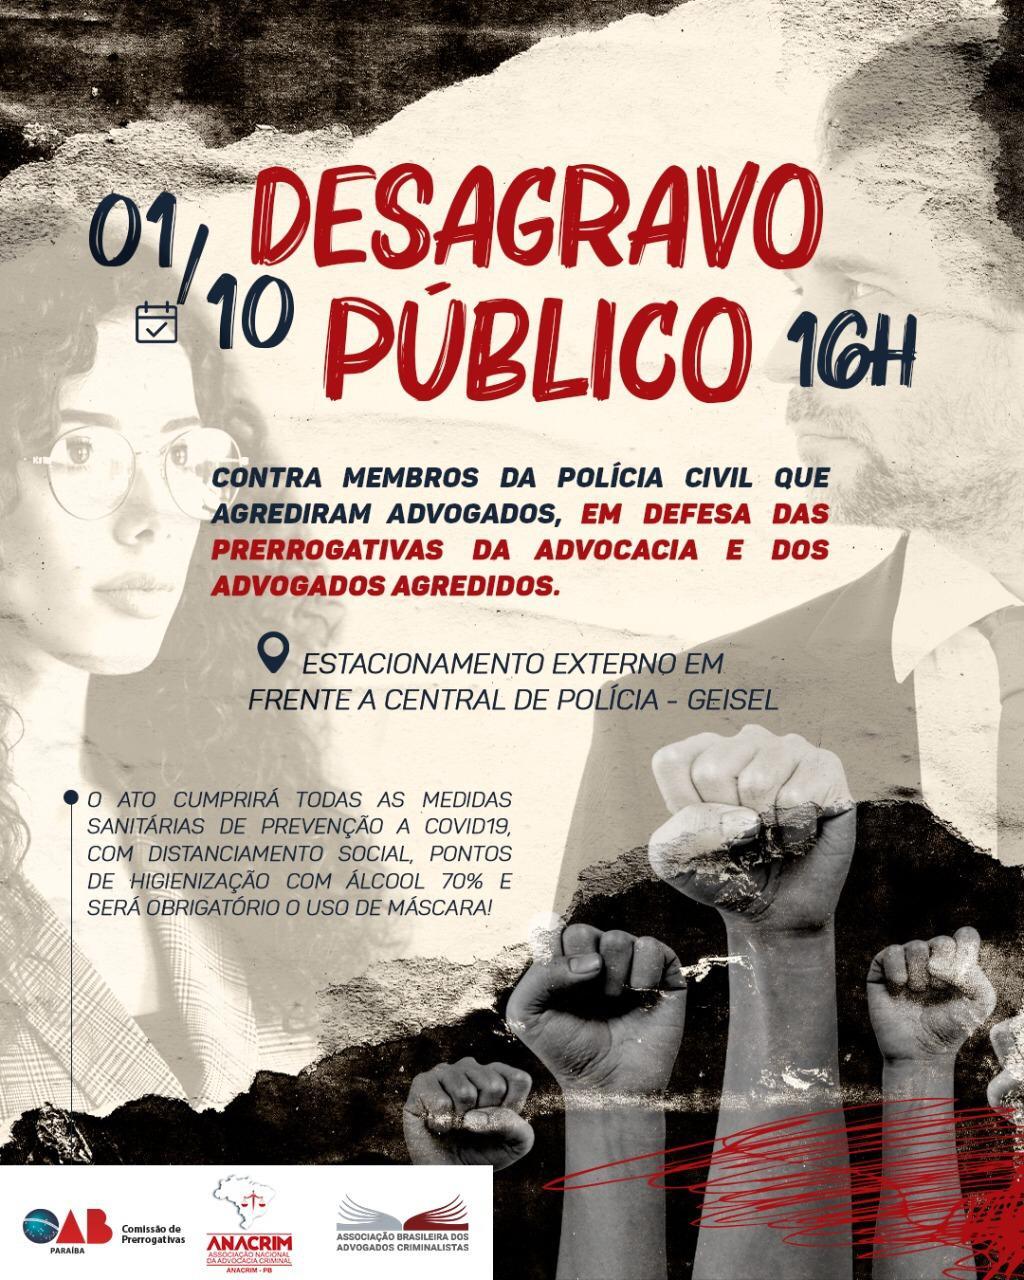 WhatsApp Image 2020 09 29 at 19.06.25 - Em defesa da advocacia: OAB-PB realiza desagravo público contra membros da Polícia Civil, em João Pessoa